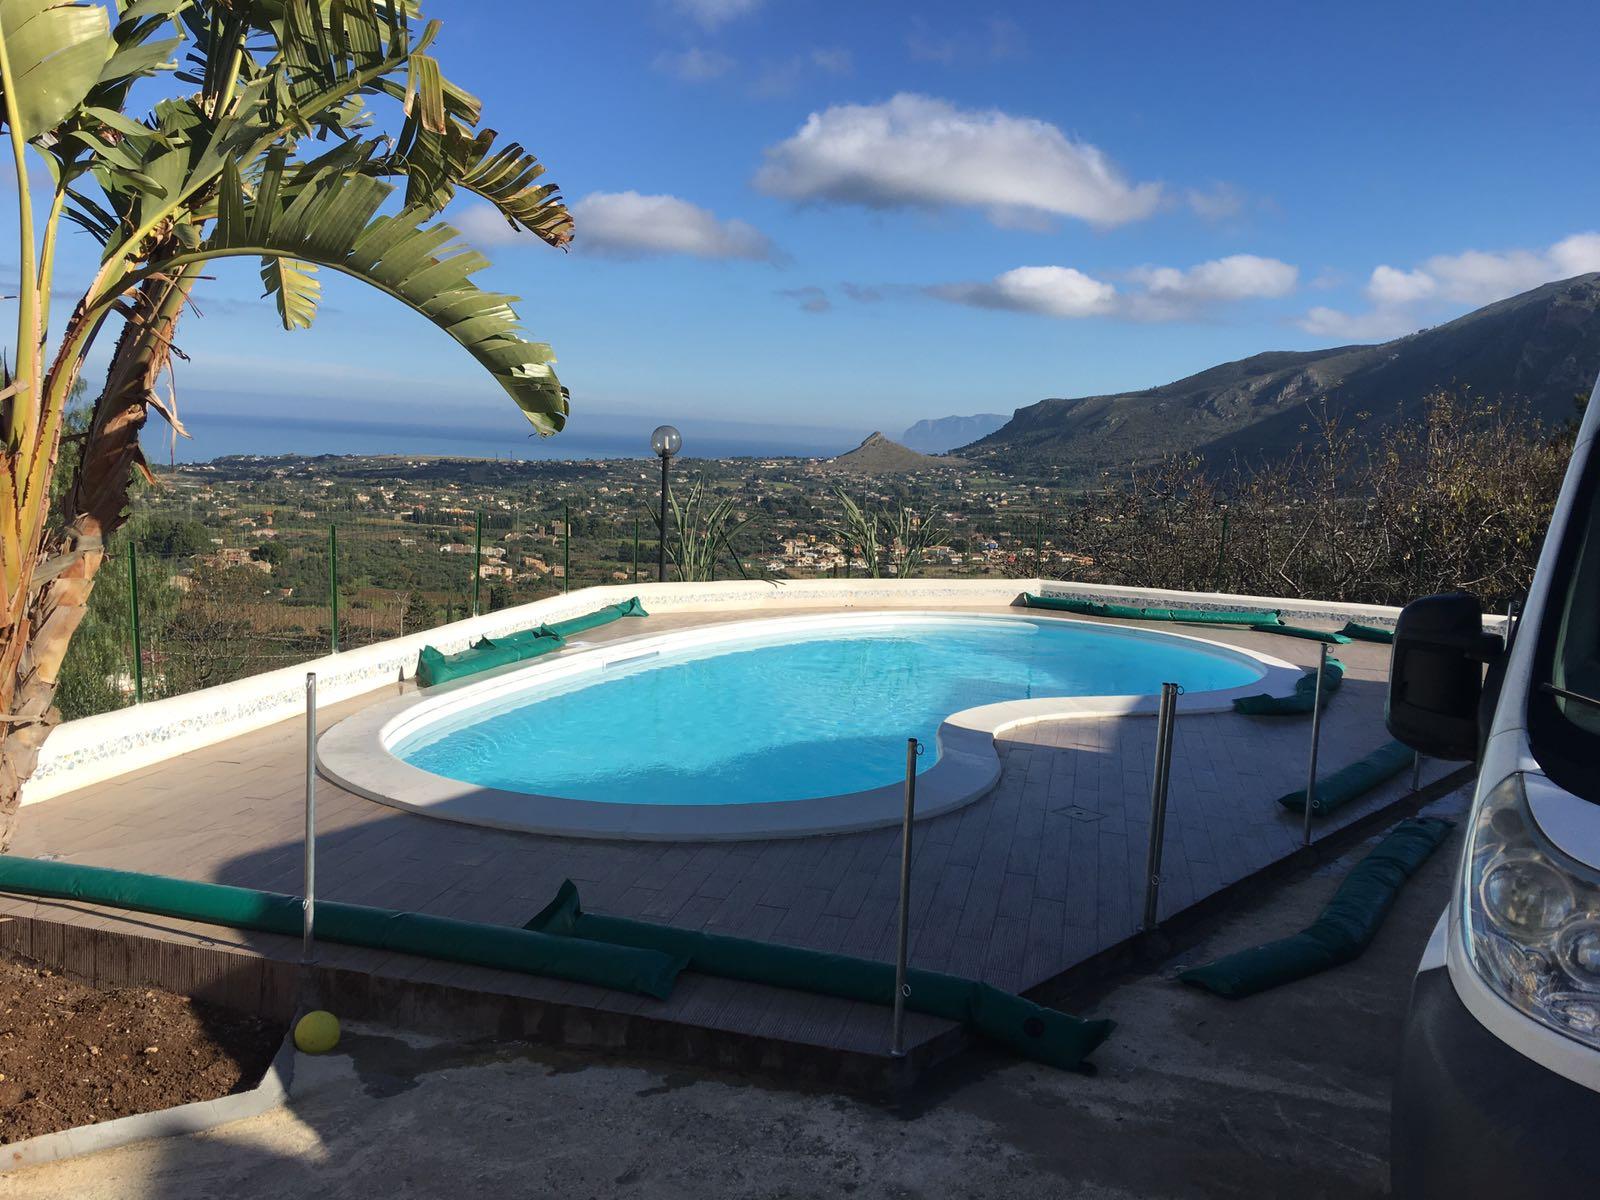 Piscina a fagiolo 8x4 piscine foto lavori realizzati piscine saune spa trapani palermo - Piscina a fagiolo ...